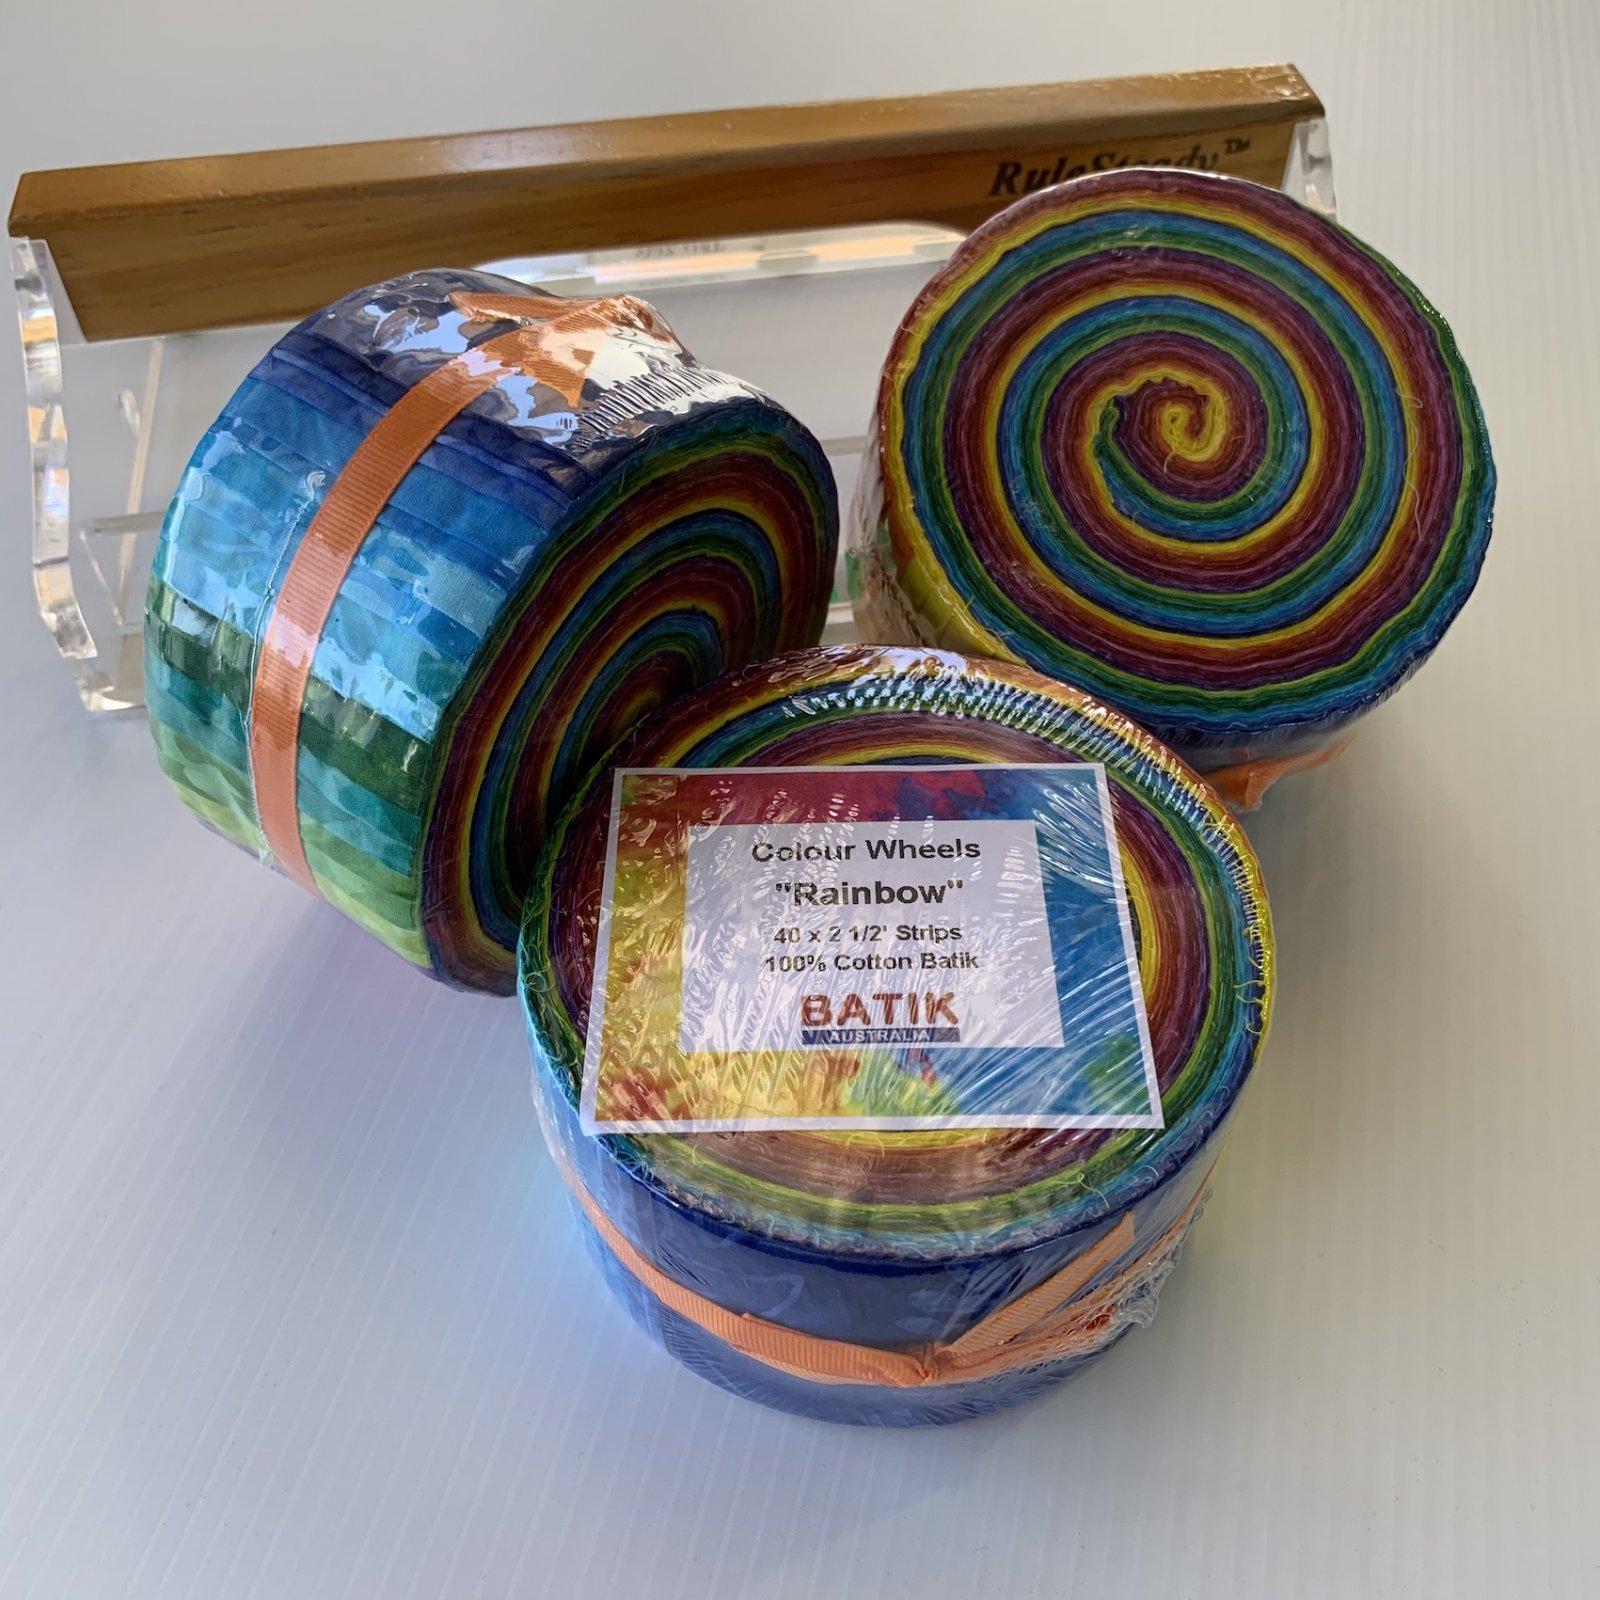 Colour Wheels - Rainbow